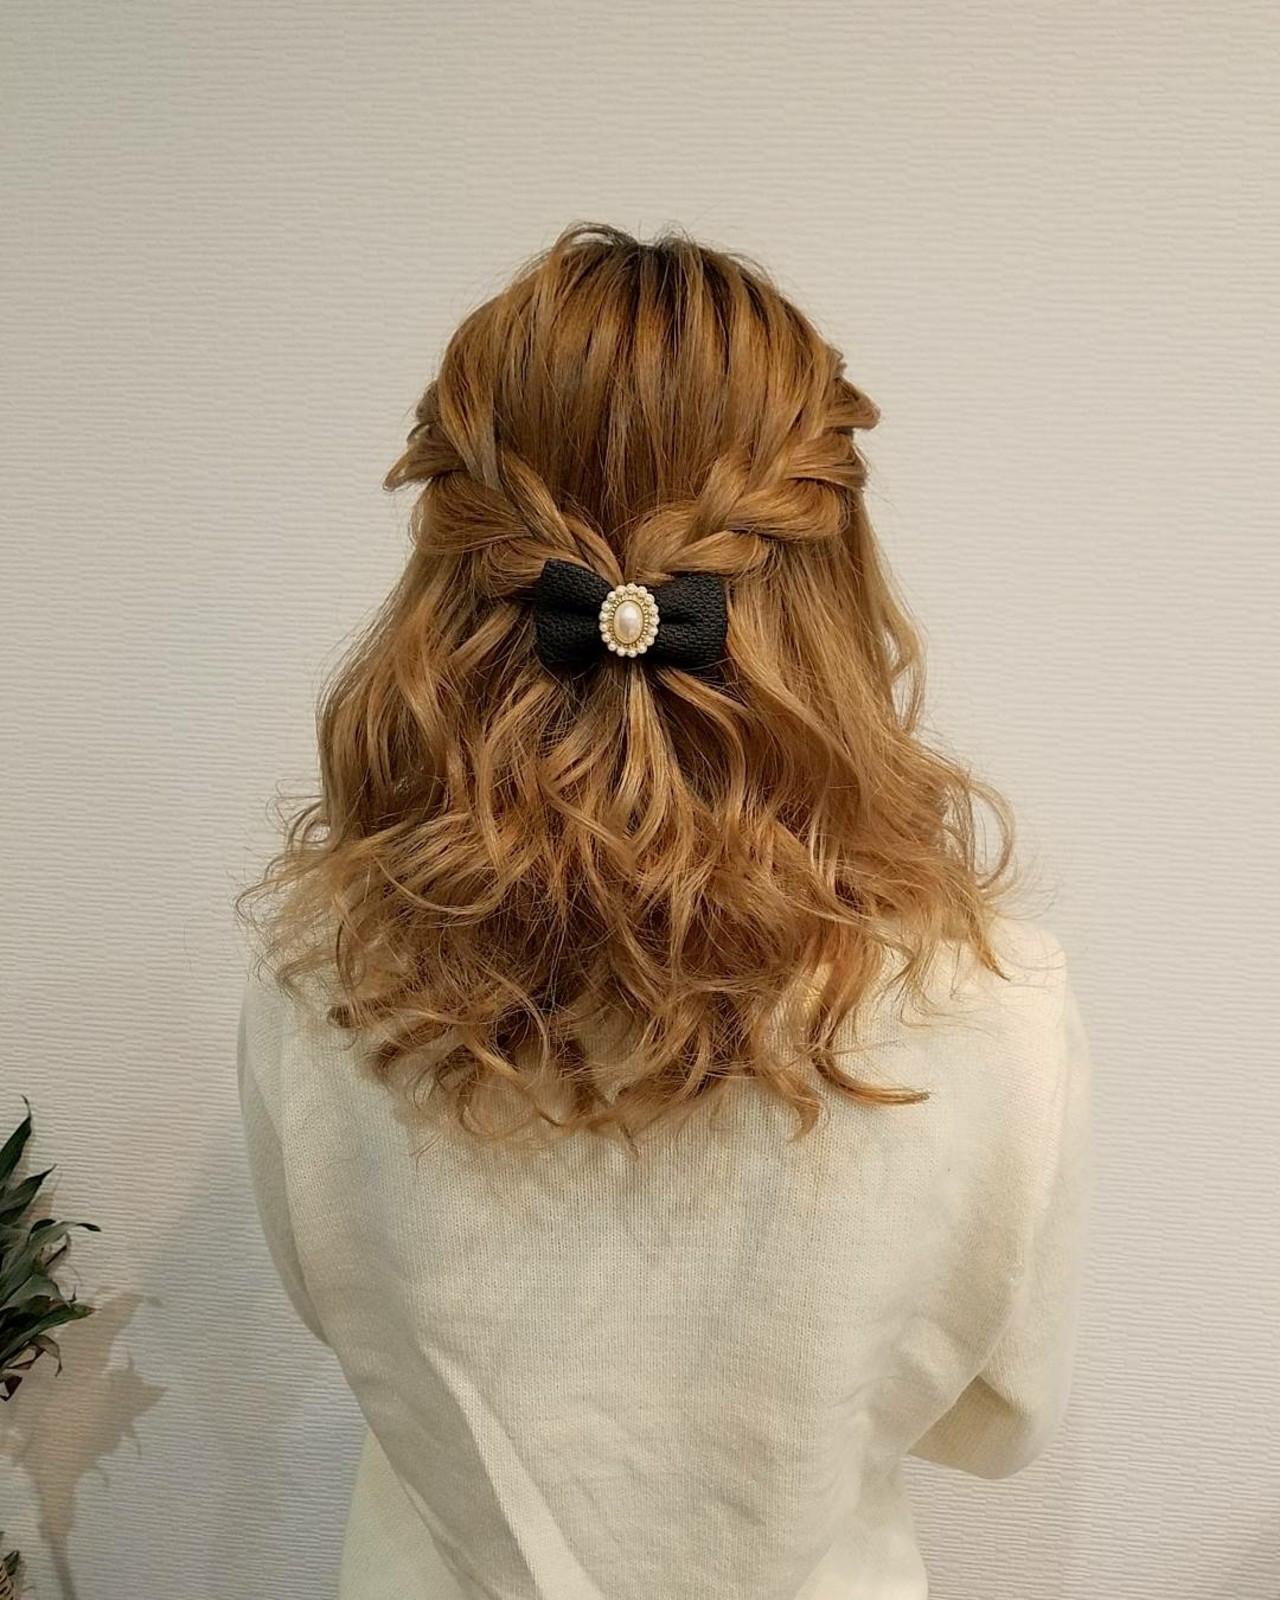 後ろ側の編み込みの仕方 mai | HAIR SALON STELLA